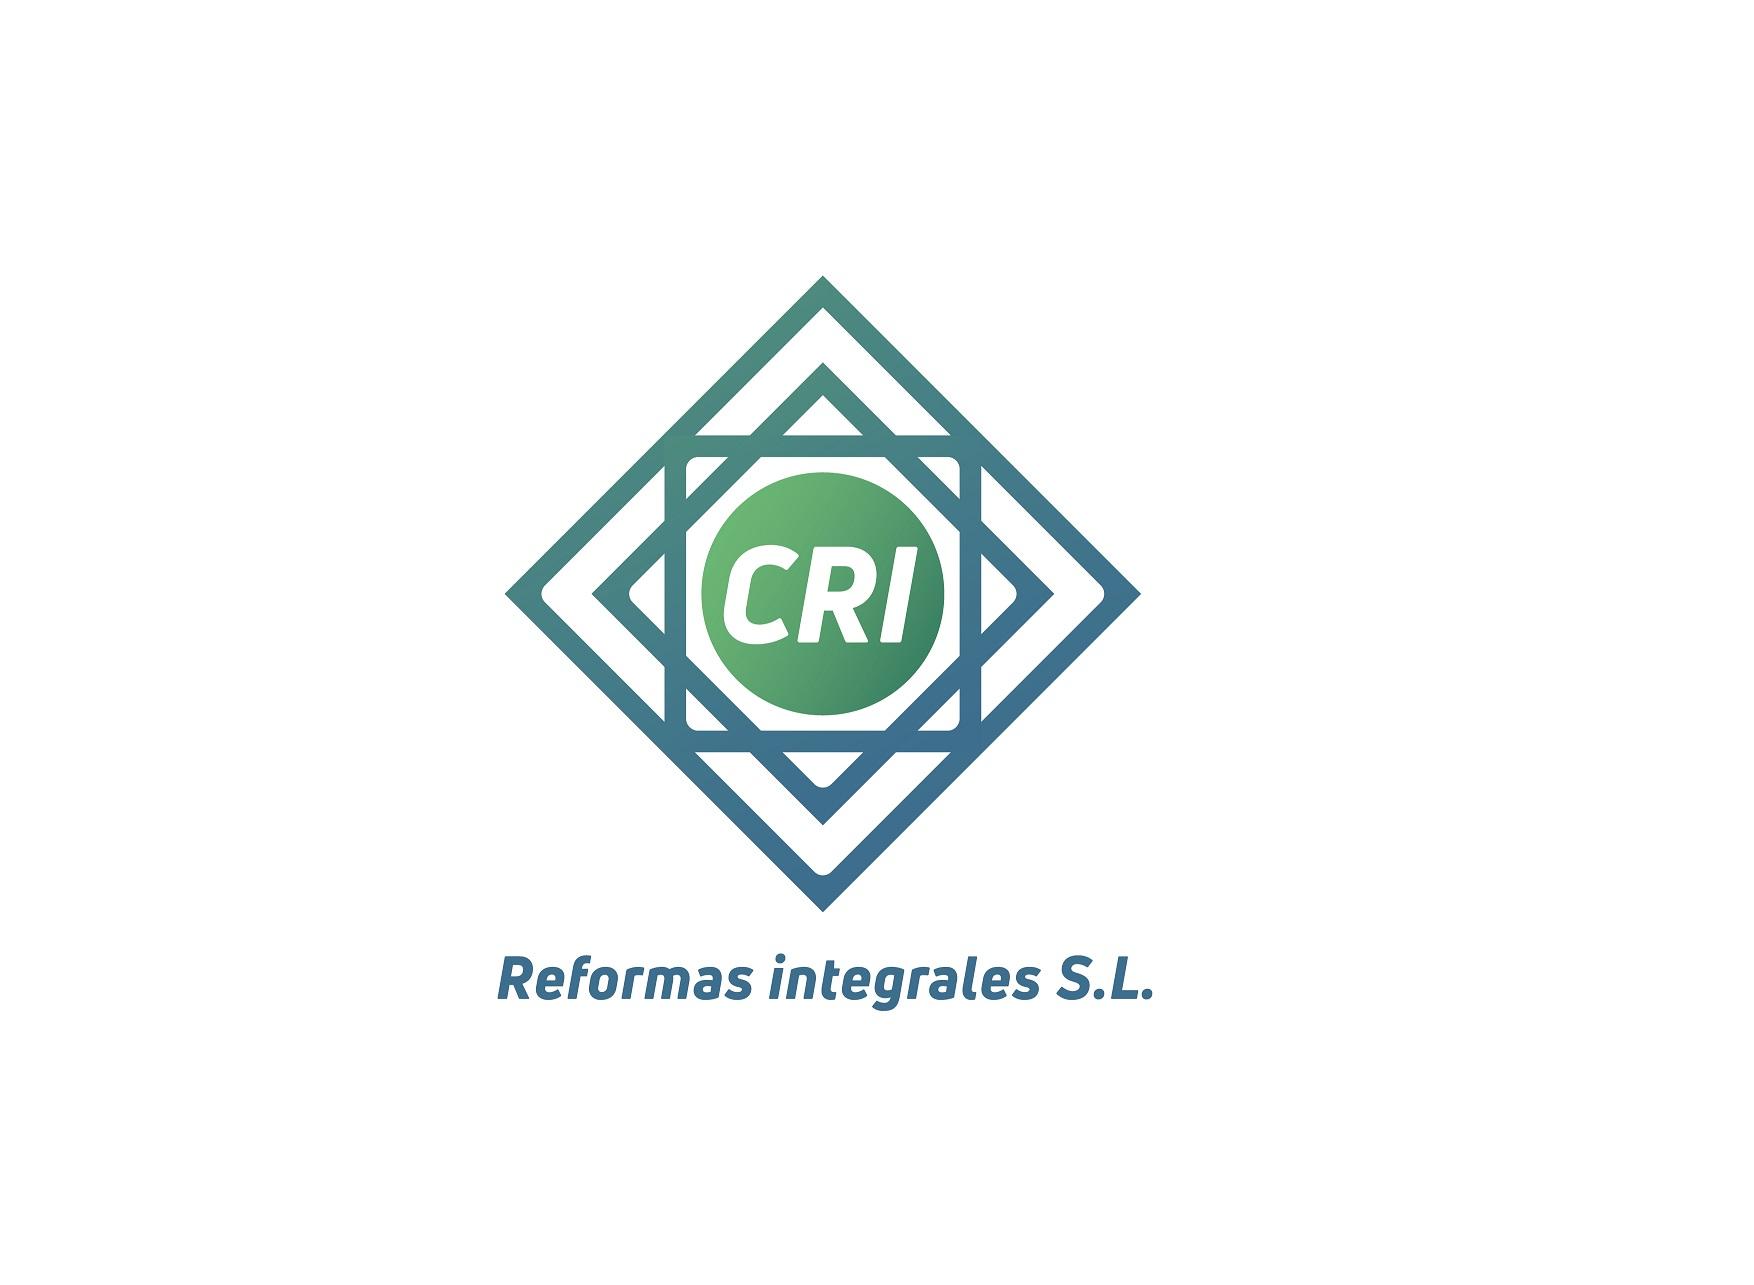 CRI Reformas Integrales SL.